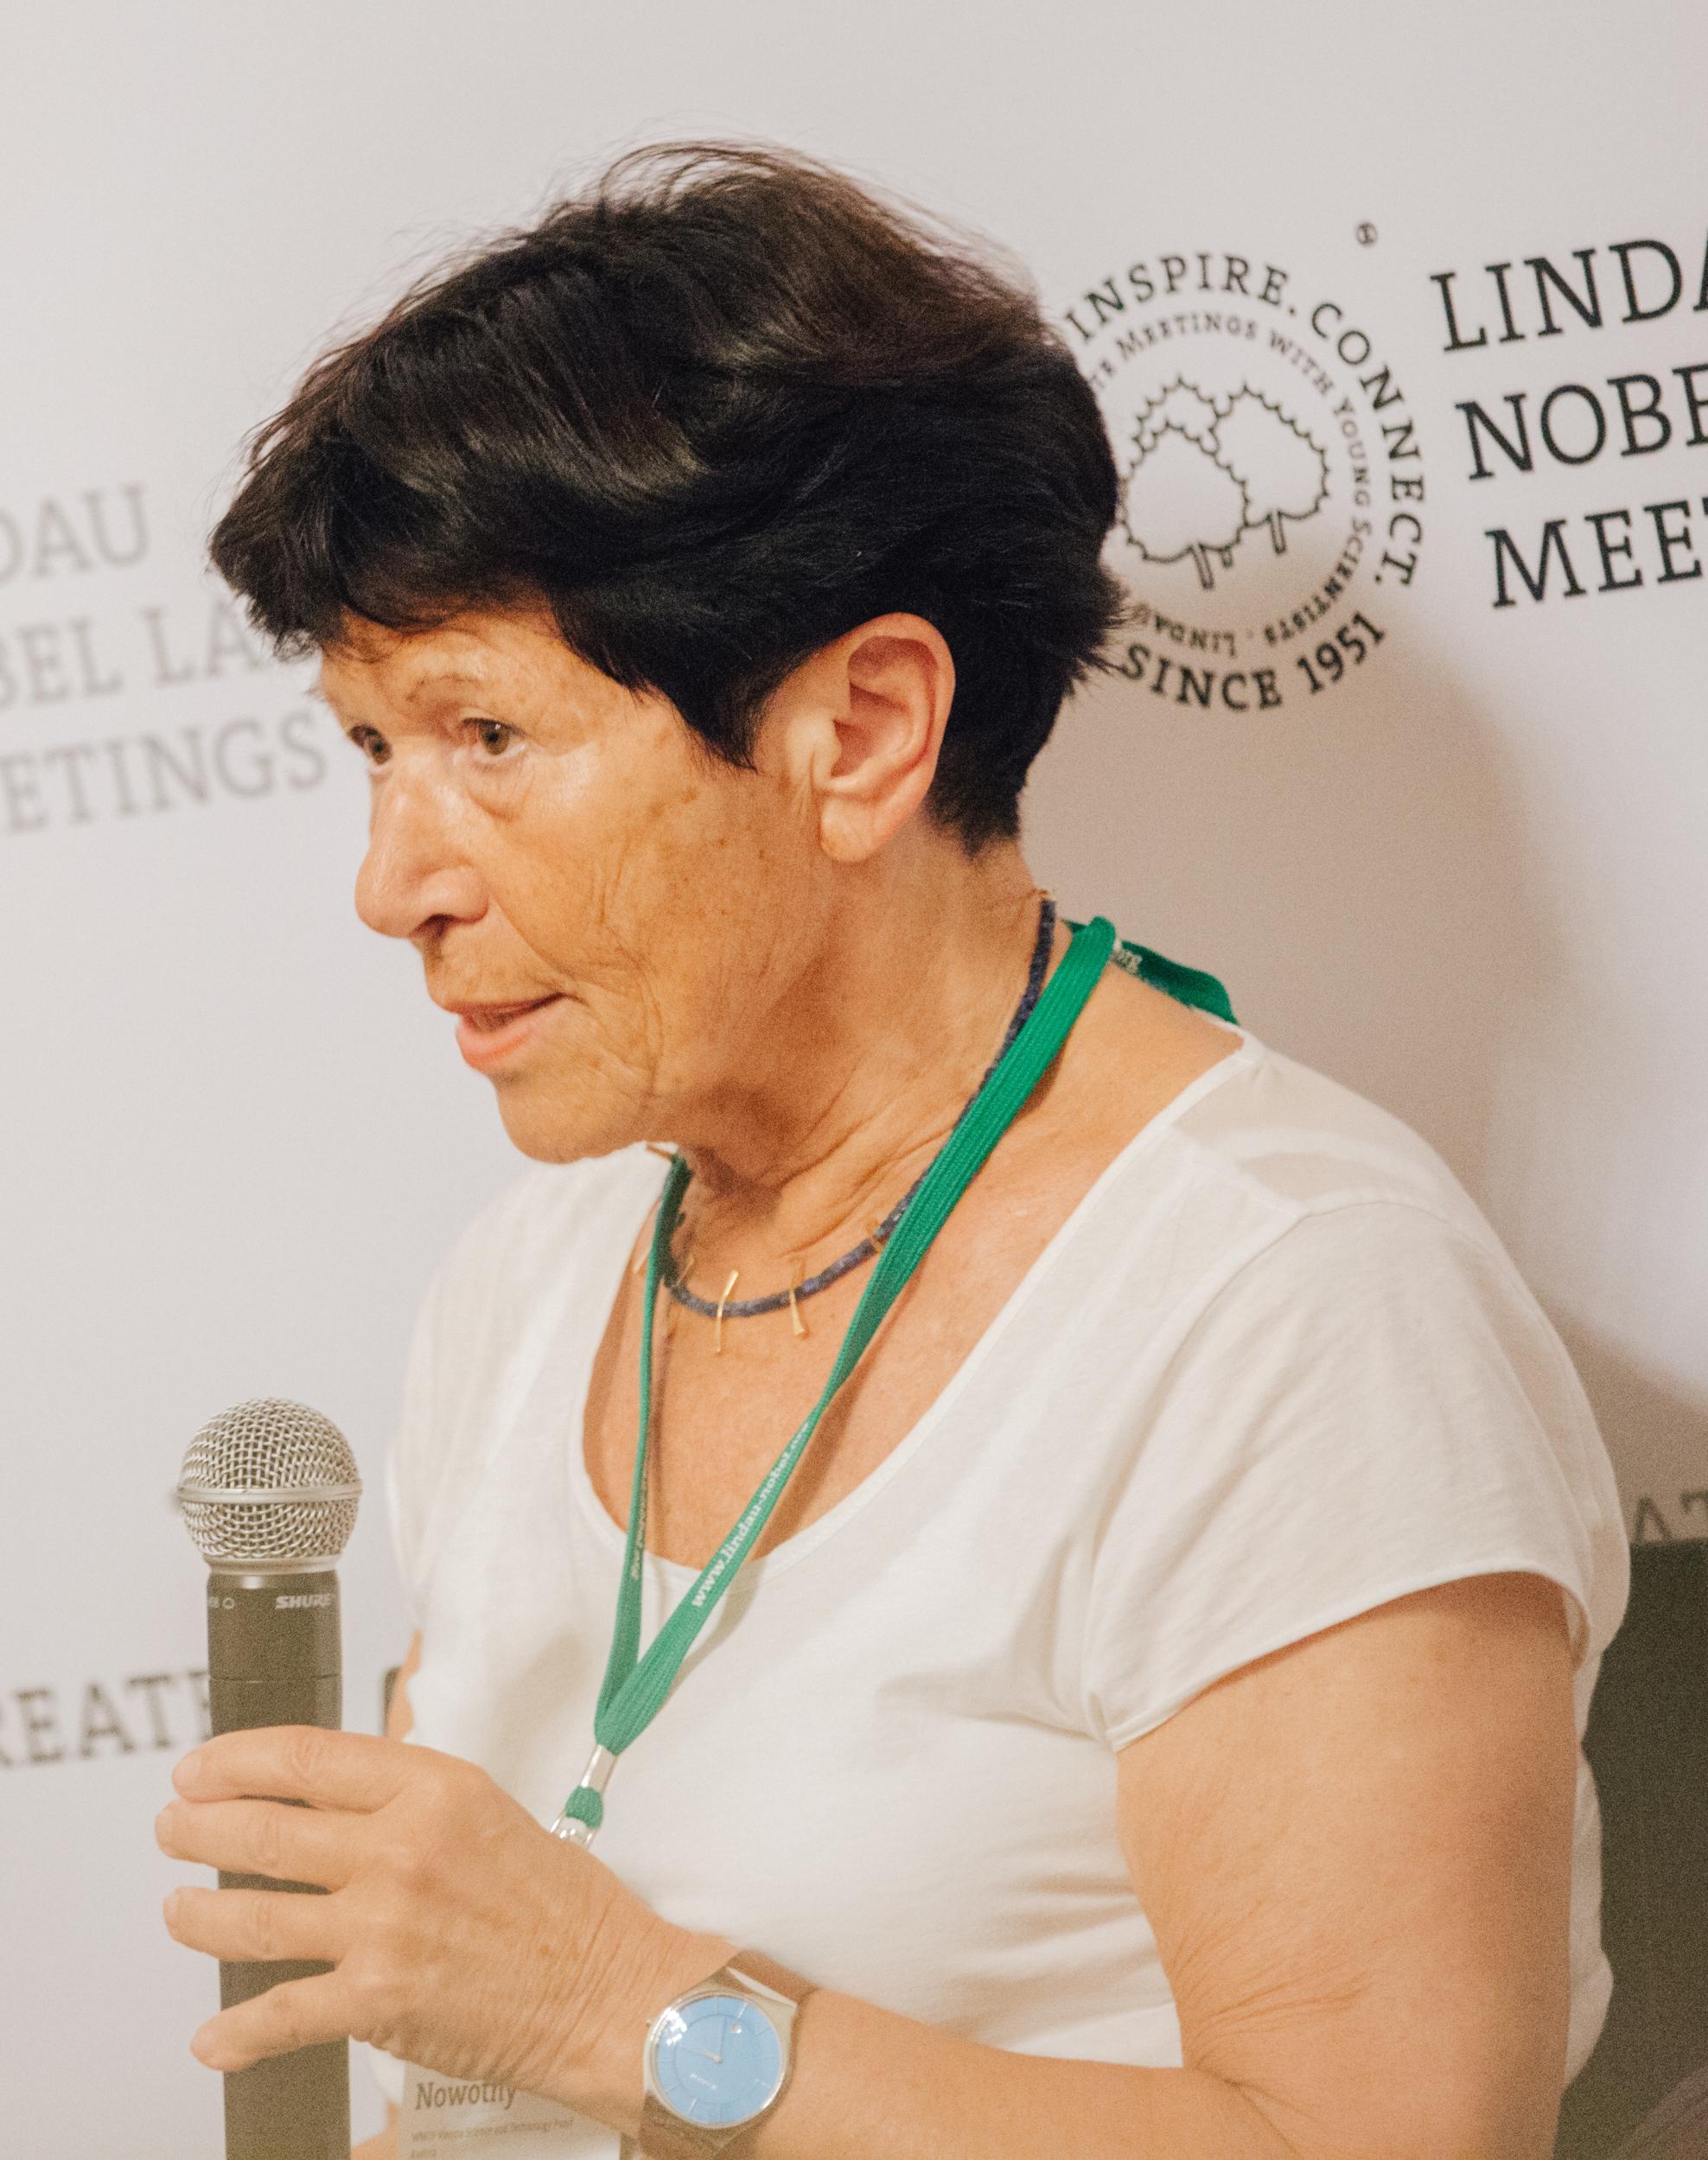 Helga Nowotny was speaking as a panellist at a press talk on 'Science in a Post-Truth Era' during the 67th Lindau Meeting. Credit: Julia Nimke/Lindau Nobel Laureate Meetings